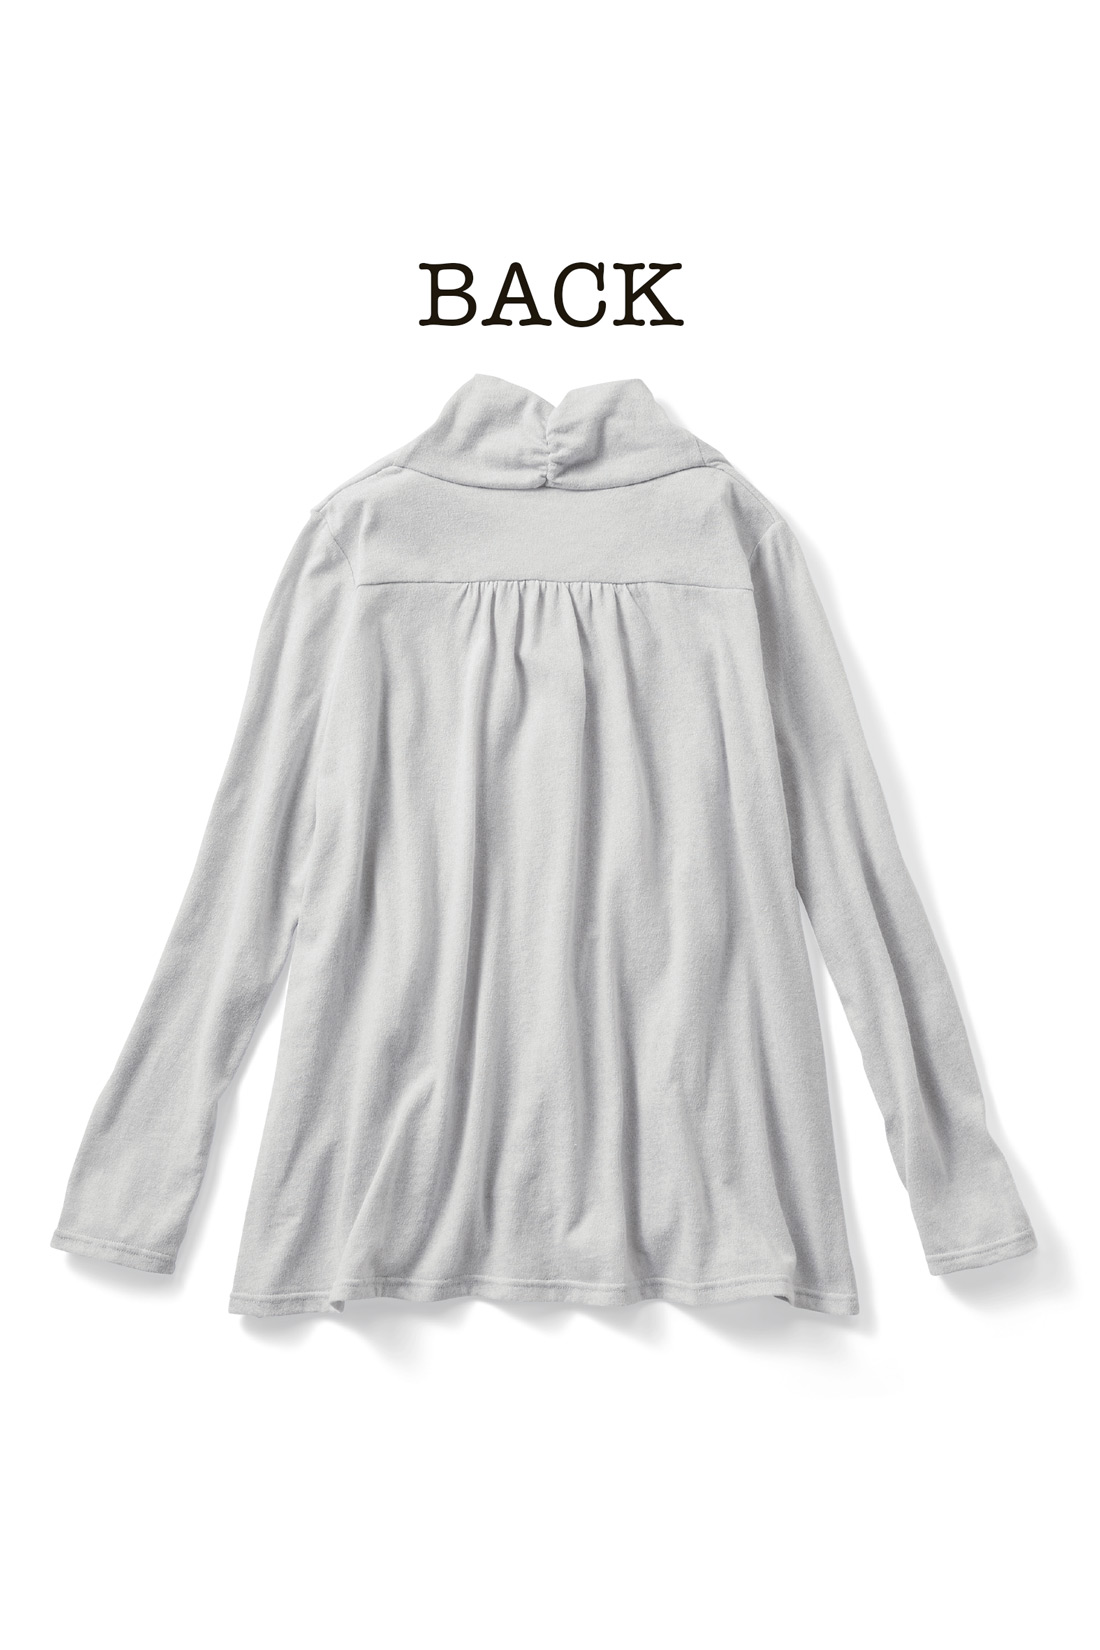 BACK 後ろ背ヨーク+ギャザーが背中のぷよ肉も隠して、後ろ姿すっきり。